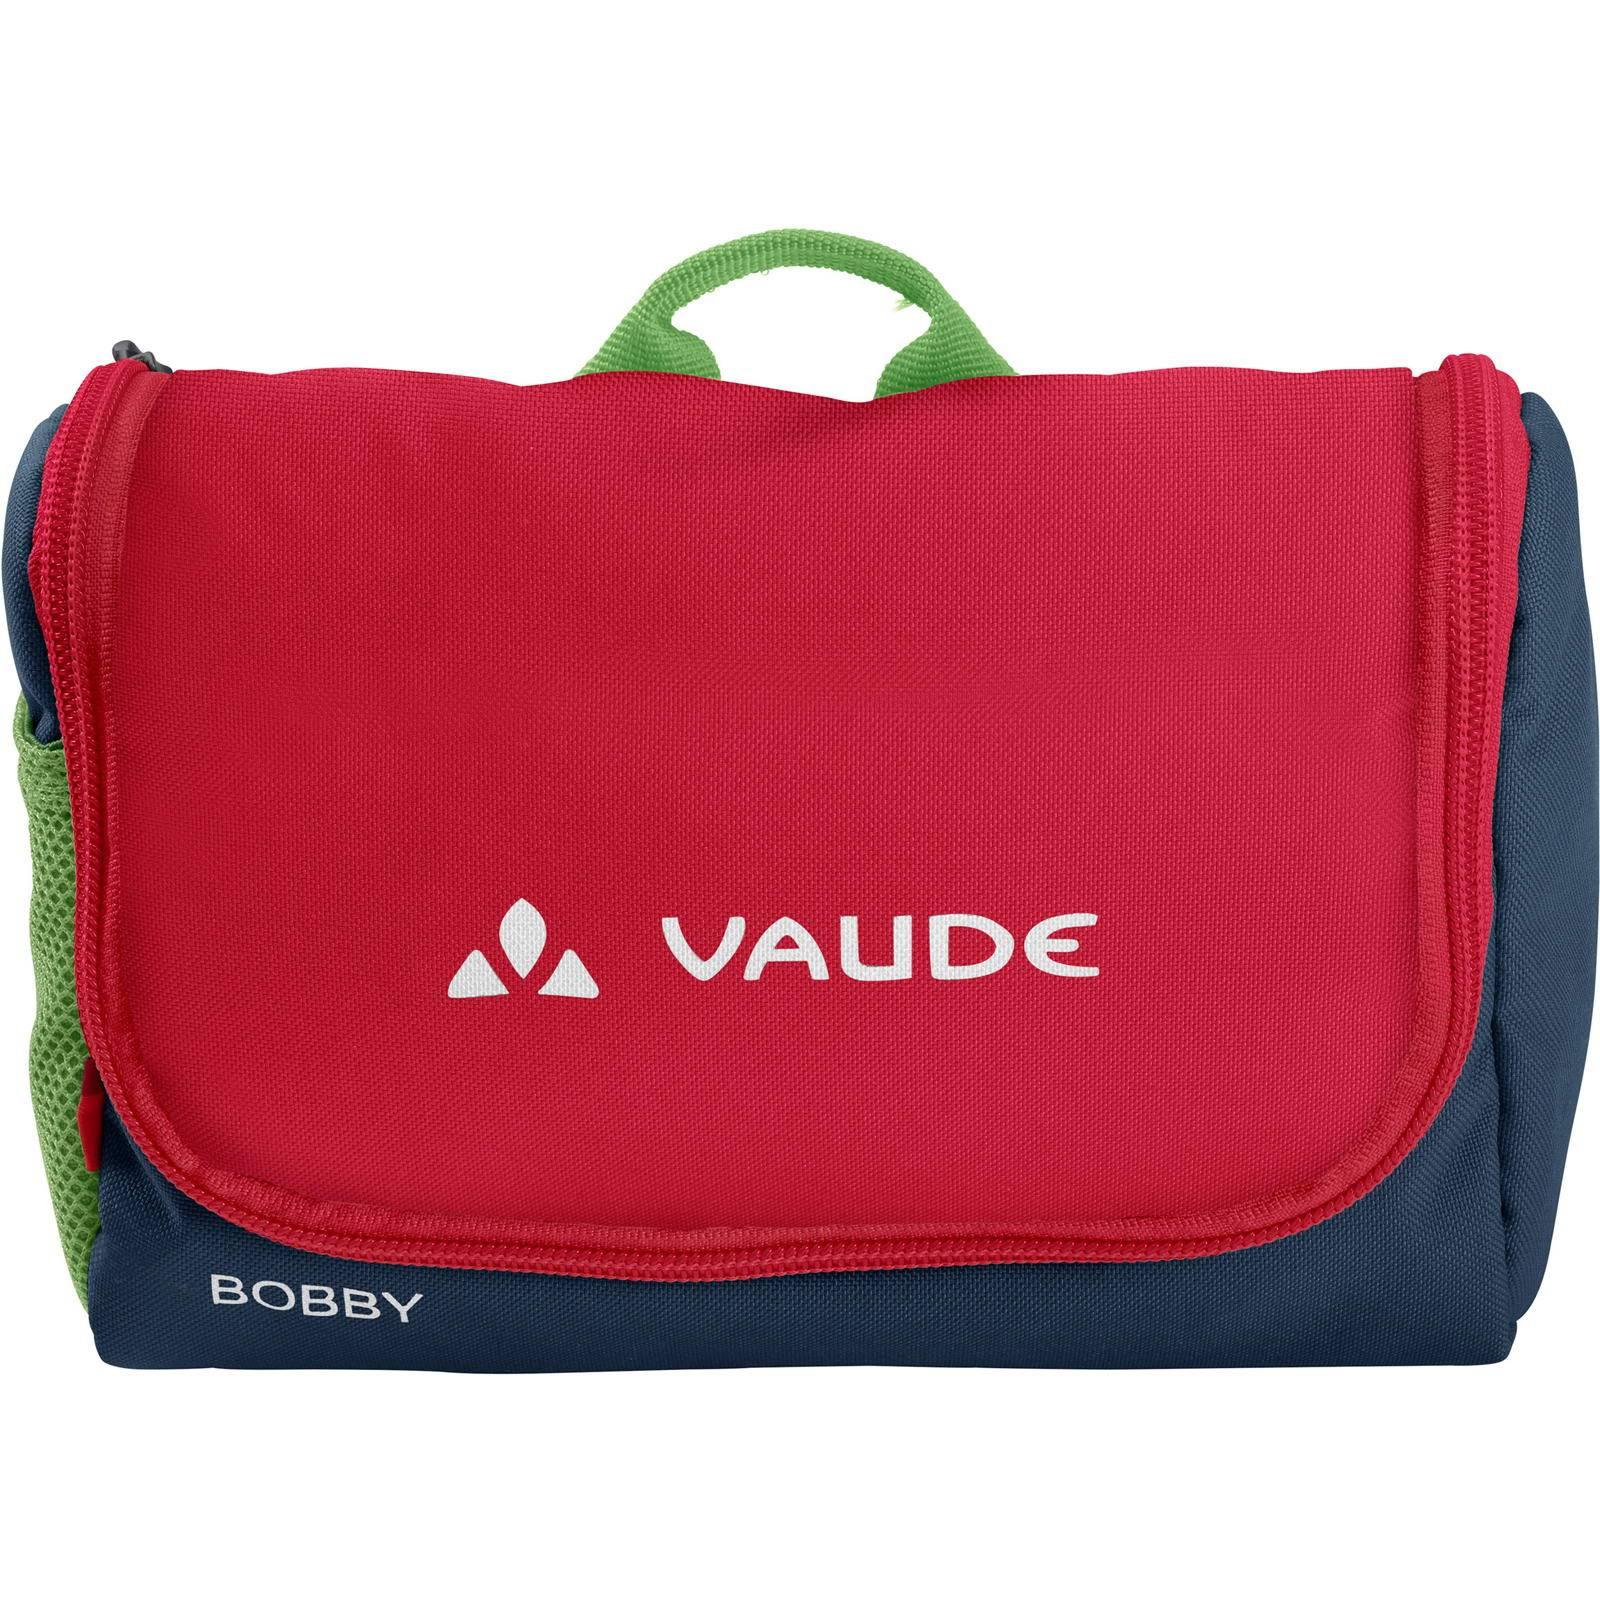 VAUDE Bobby - Waschtasche für Kinder marine red - Bild 7